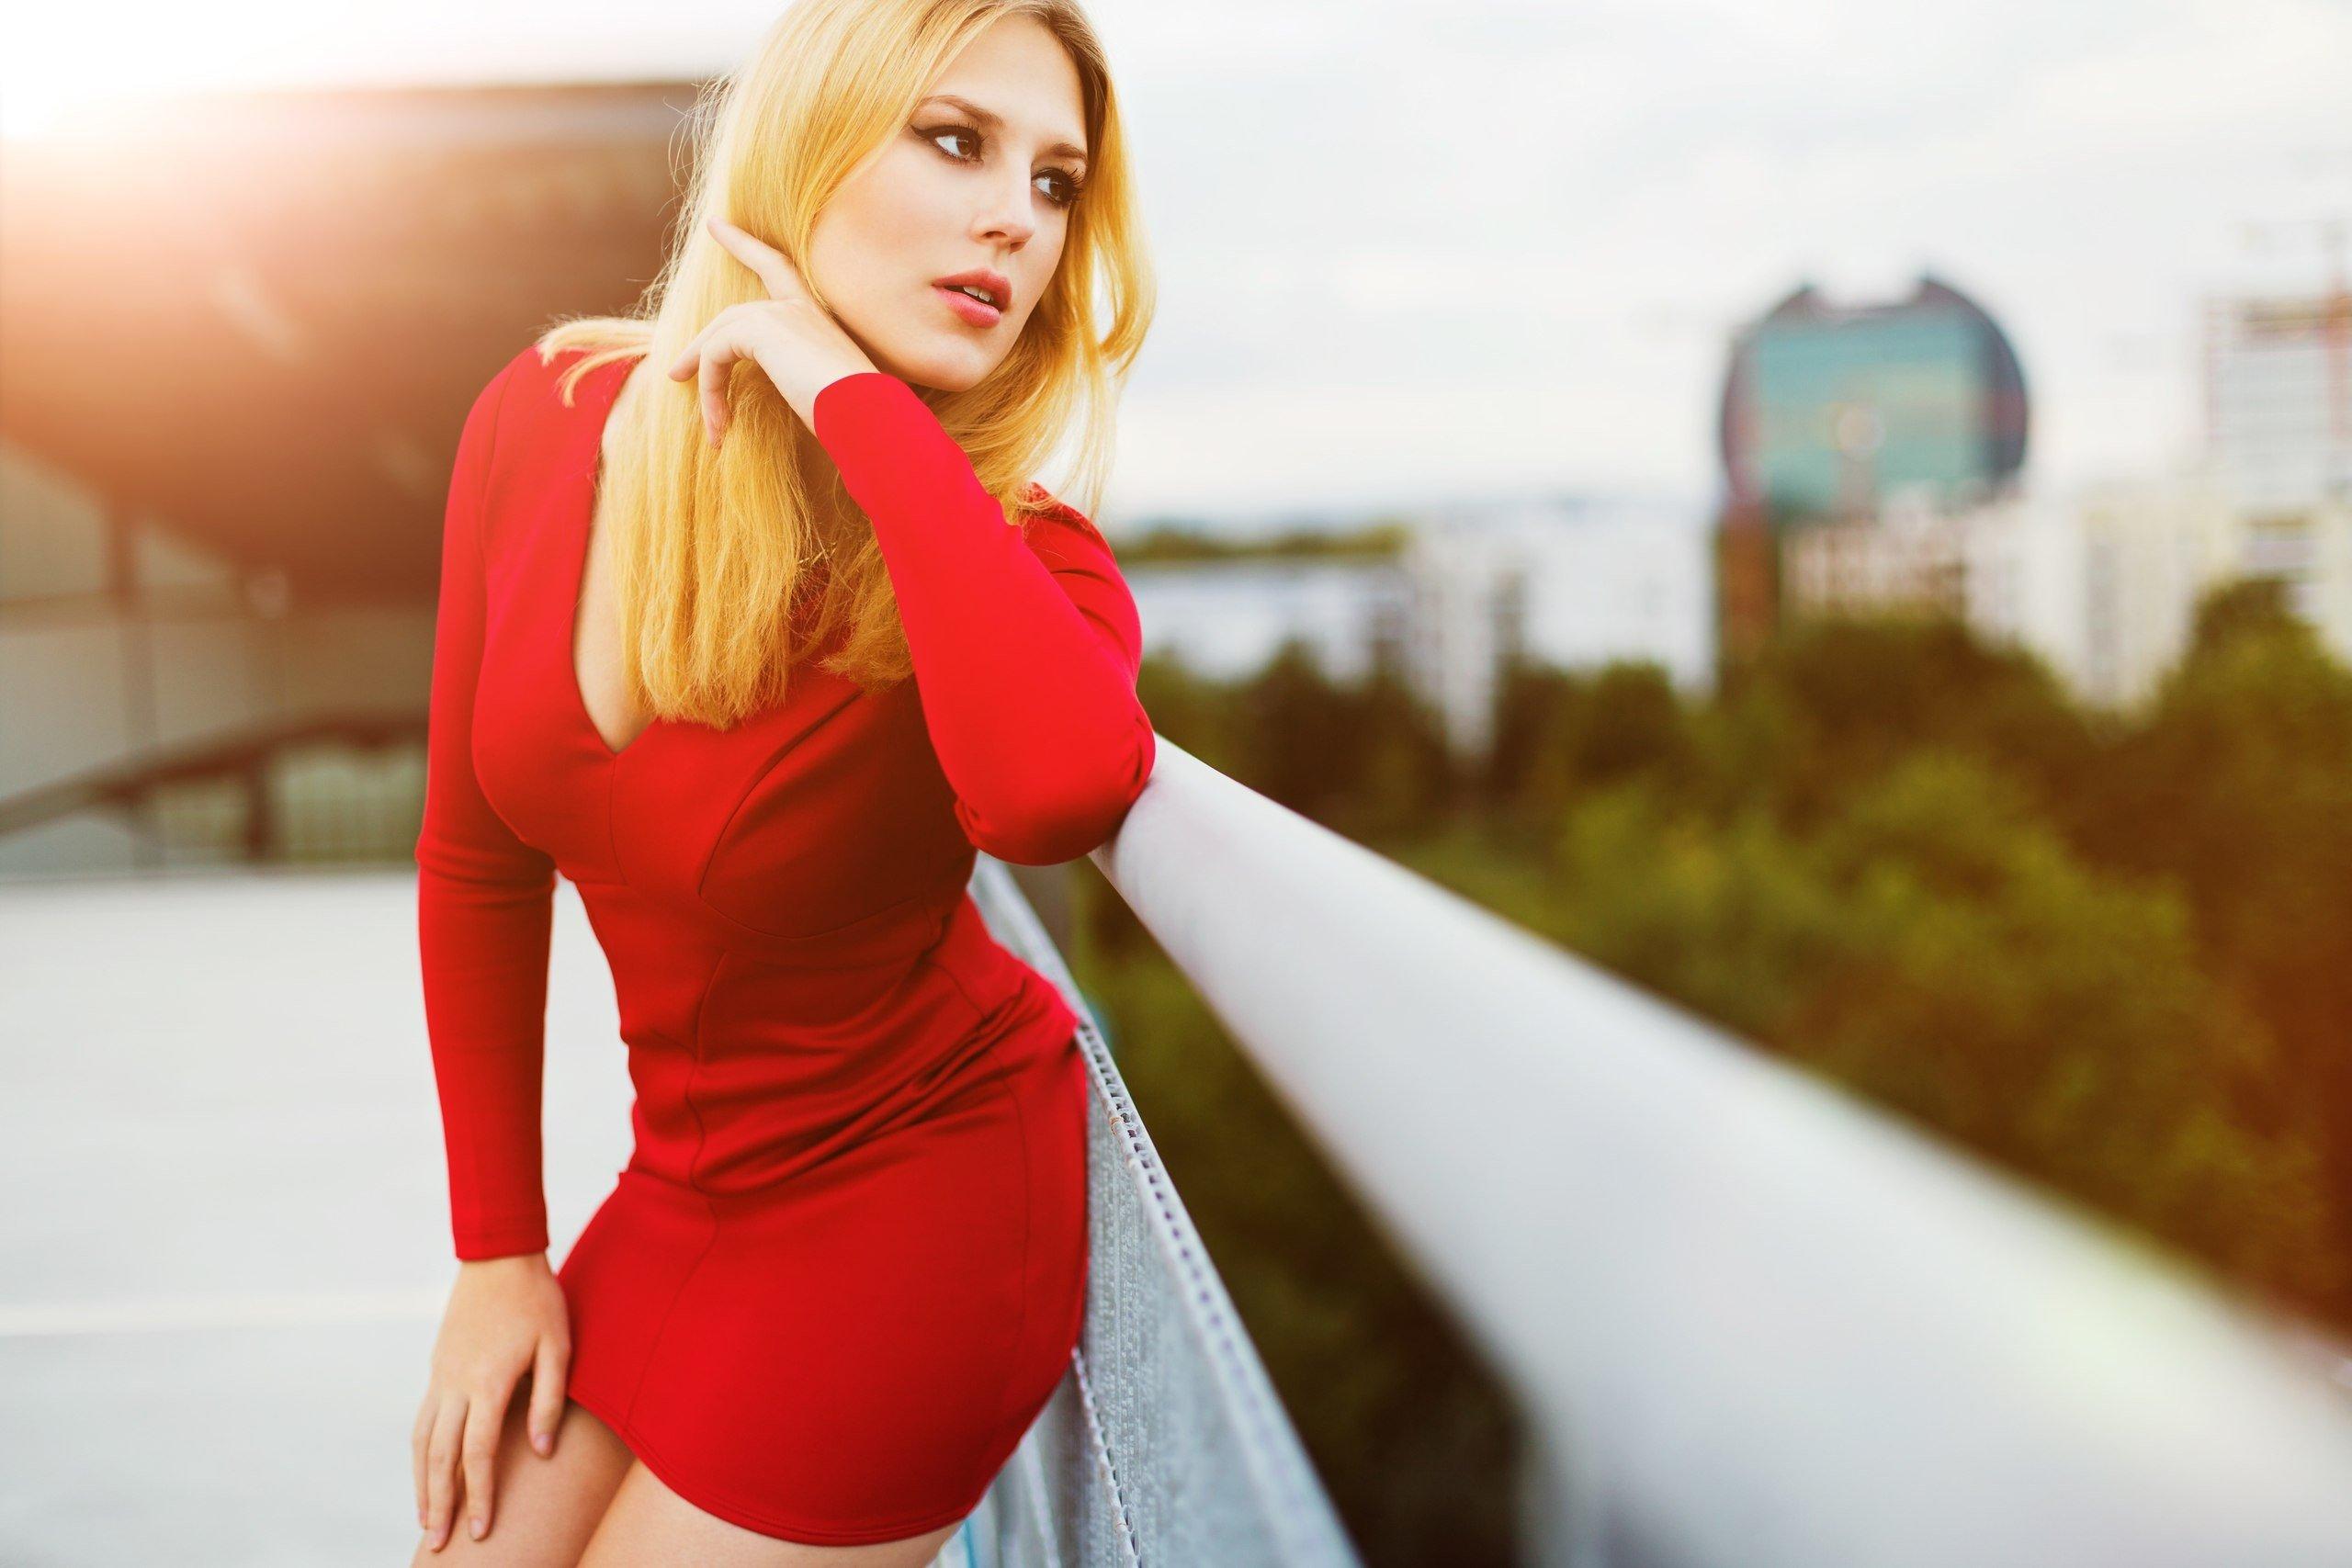 women, Model, Blonde, Red Wallpaper